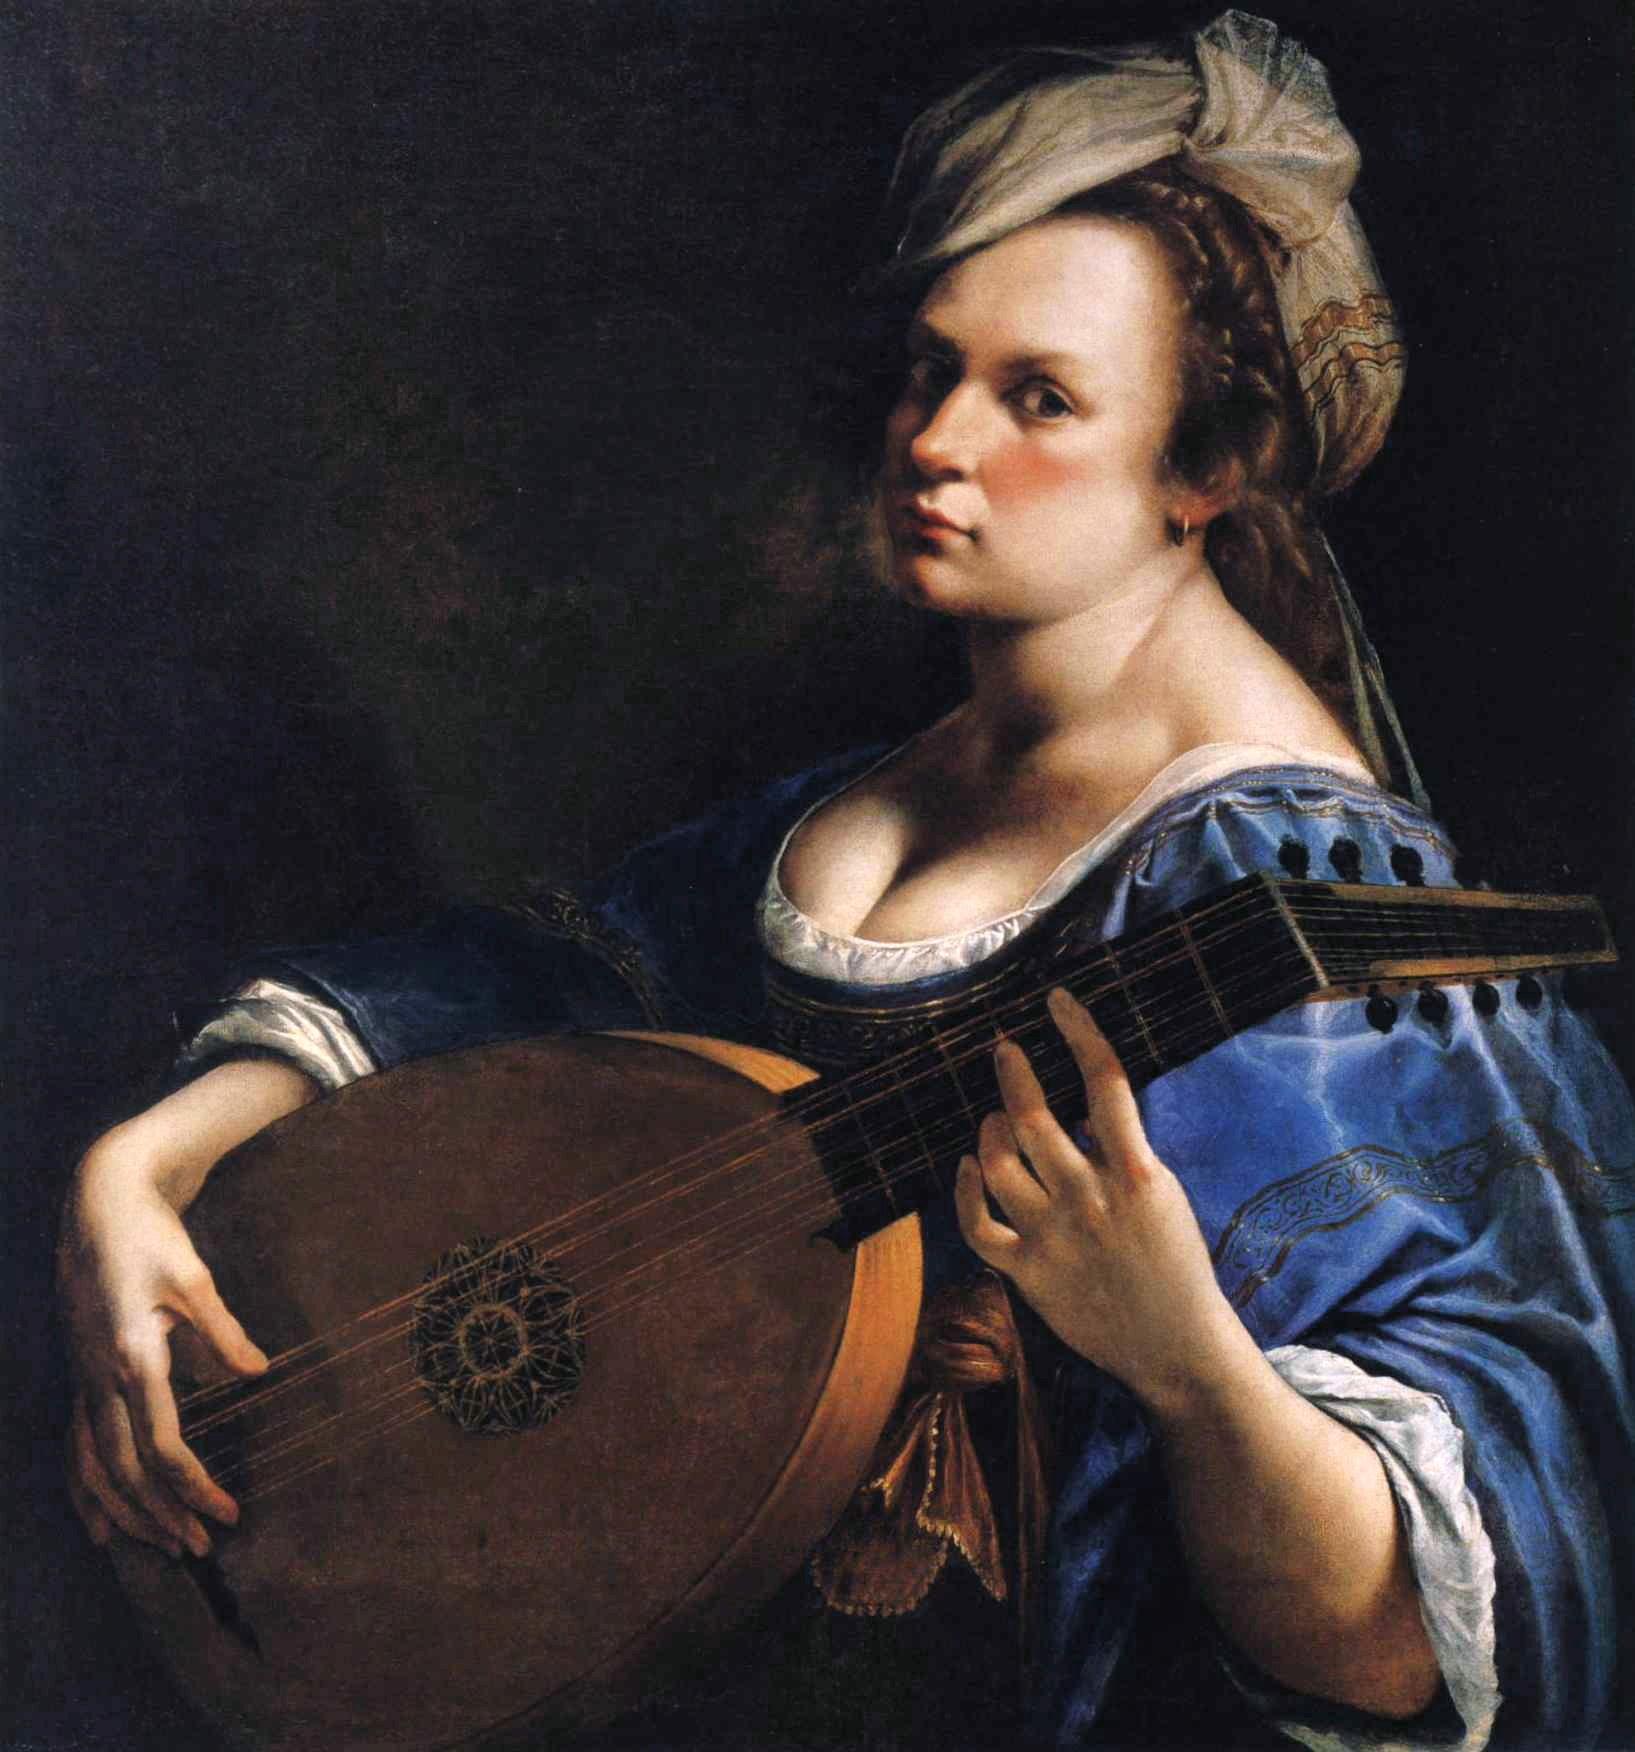 Артемизия Джентилески. Автопортрет с лютней (1615-1617)